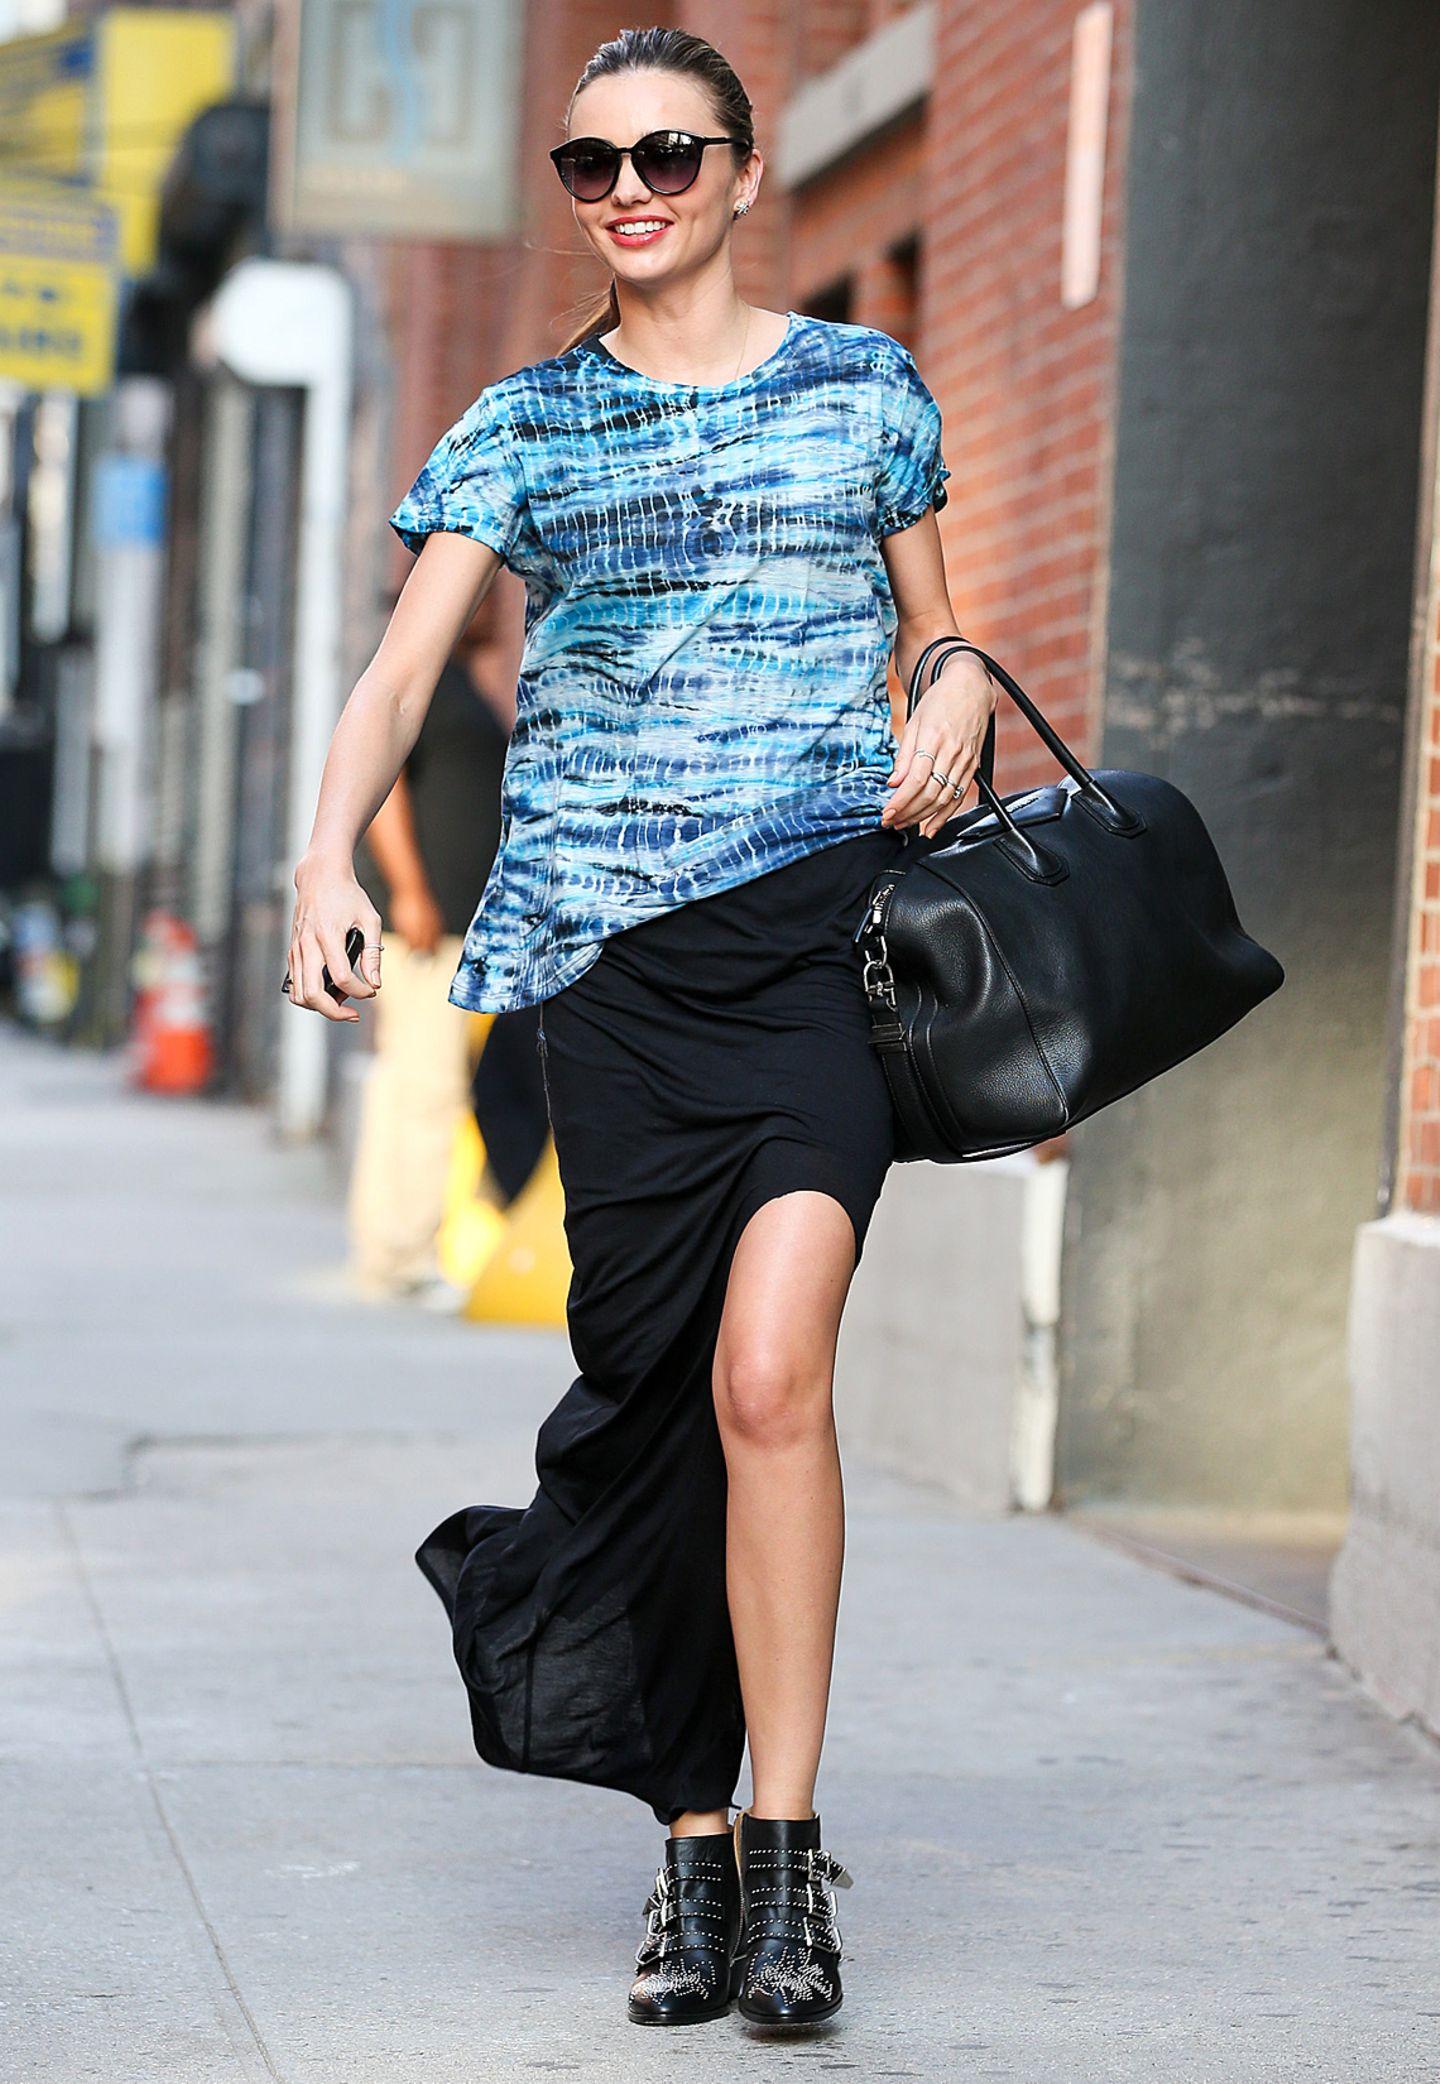 Trendige Isabel Marant-Boots, ein bodenlanger Jersey-Rock und das blaue Shirt mit Batik-Druck bringen Miranda Kerr - und uns - zum Strahlen.